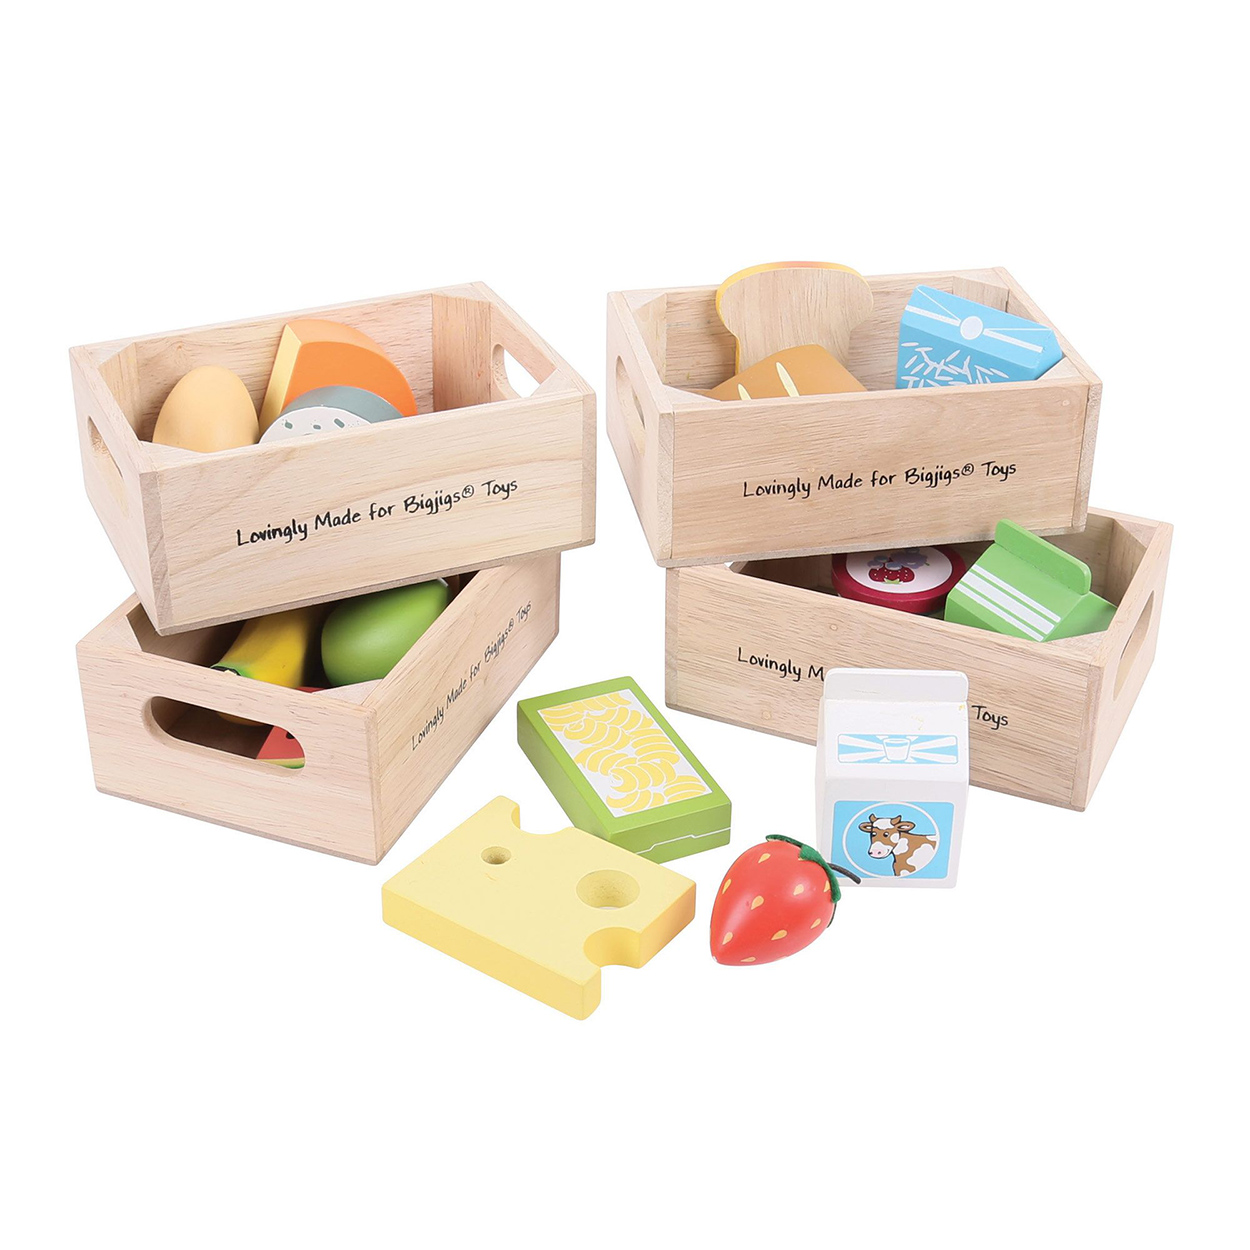 Speelgoed Keuken Accessoires Hout : Houten Speelset met Gezond Eten en Zuivel online kopen